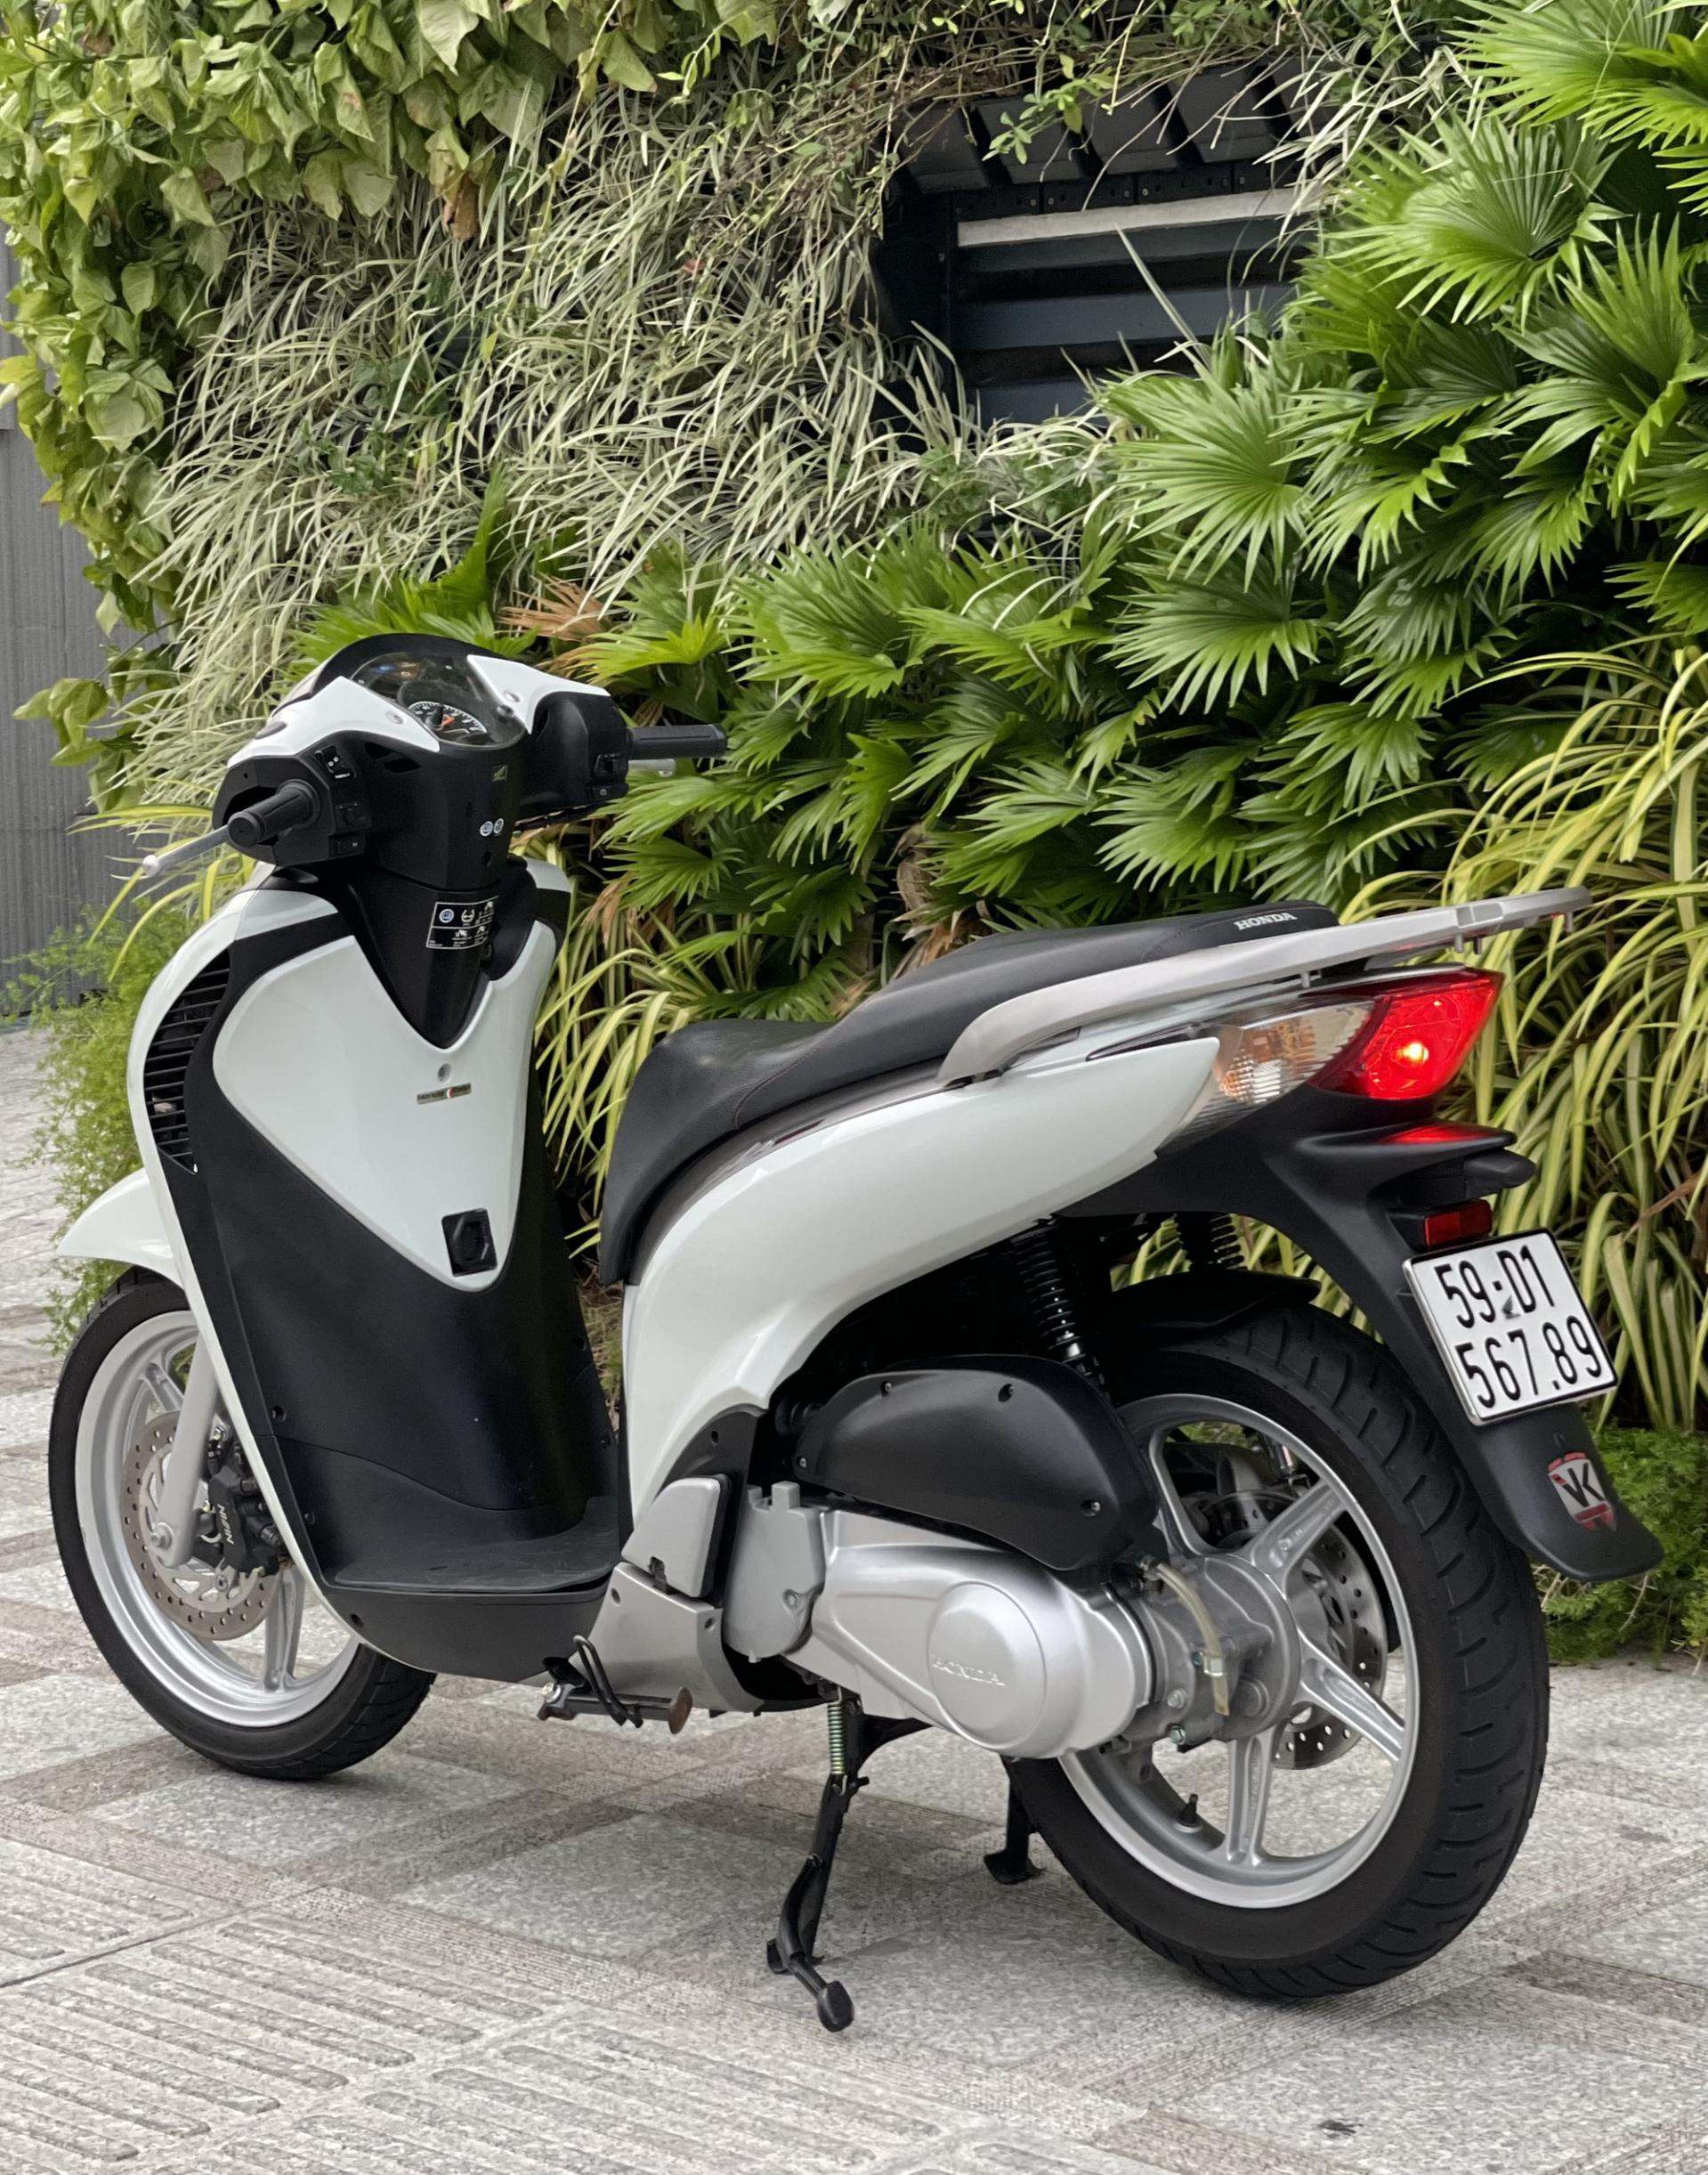 Honda SH 150i cũ rao bán giá 1 tỷ đồng, xe tìm được chủ mới chỉ sau 4 ngày 4